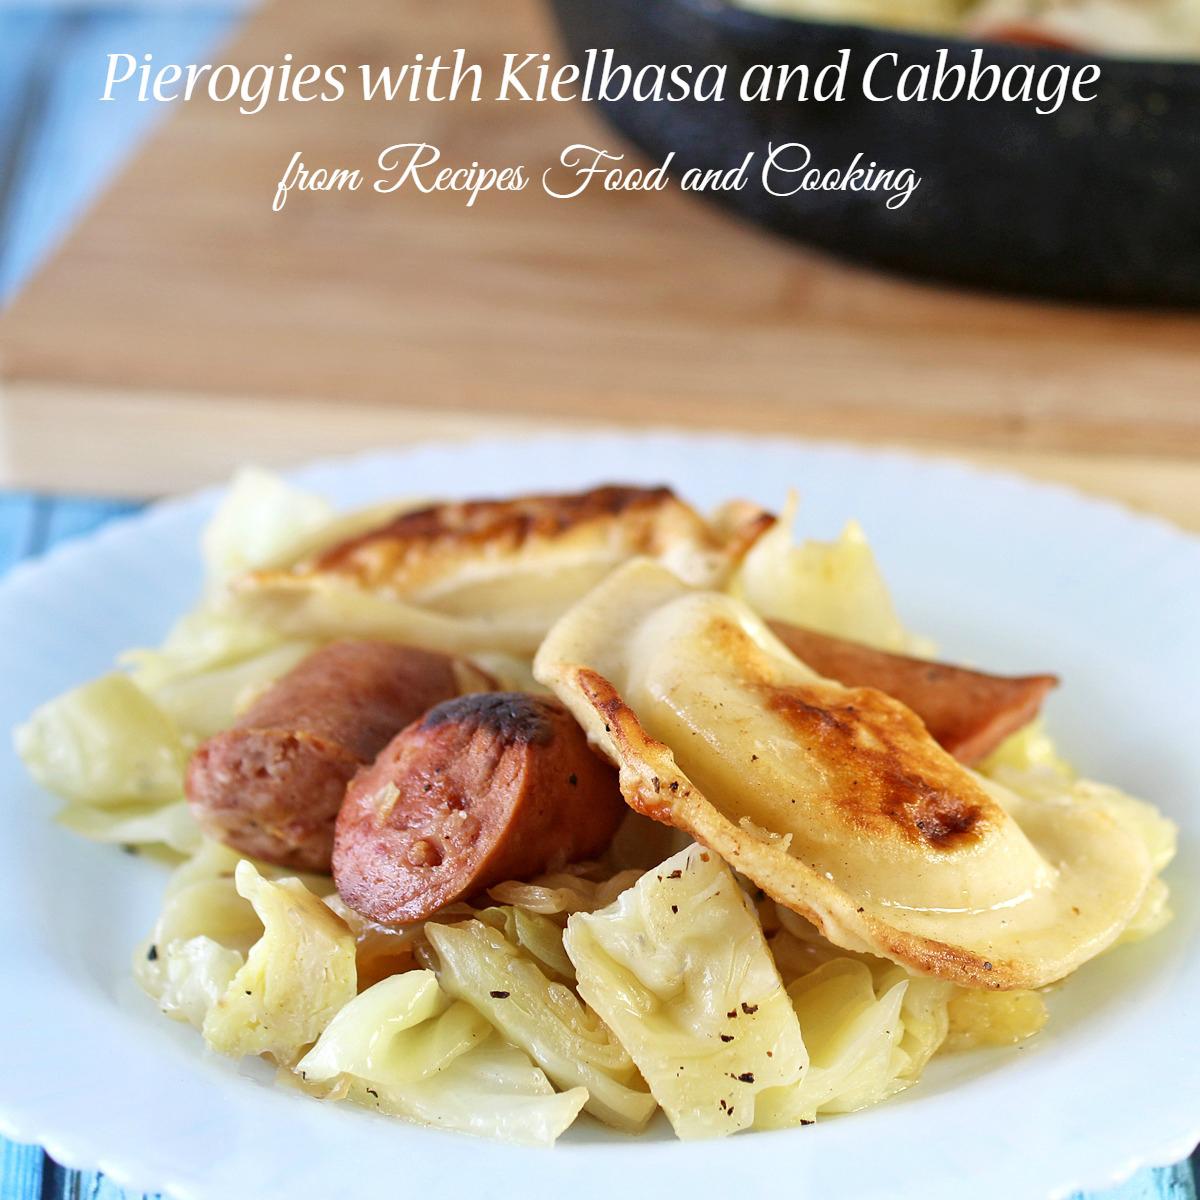 Pierogies with Kiebasa and Cabbage